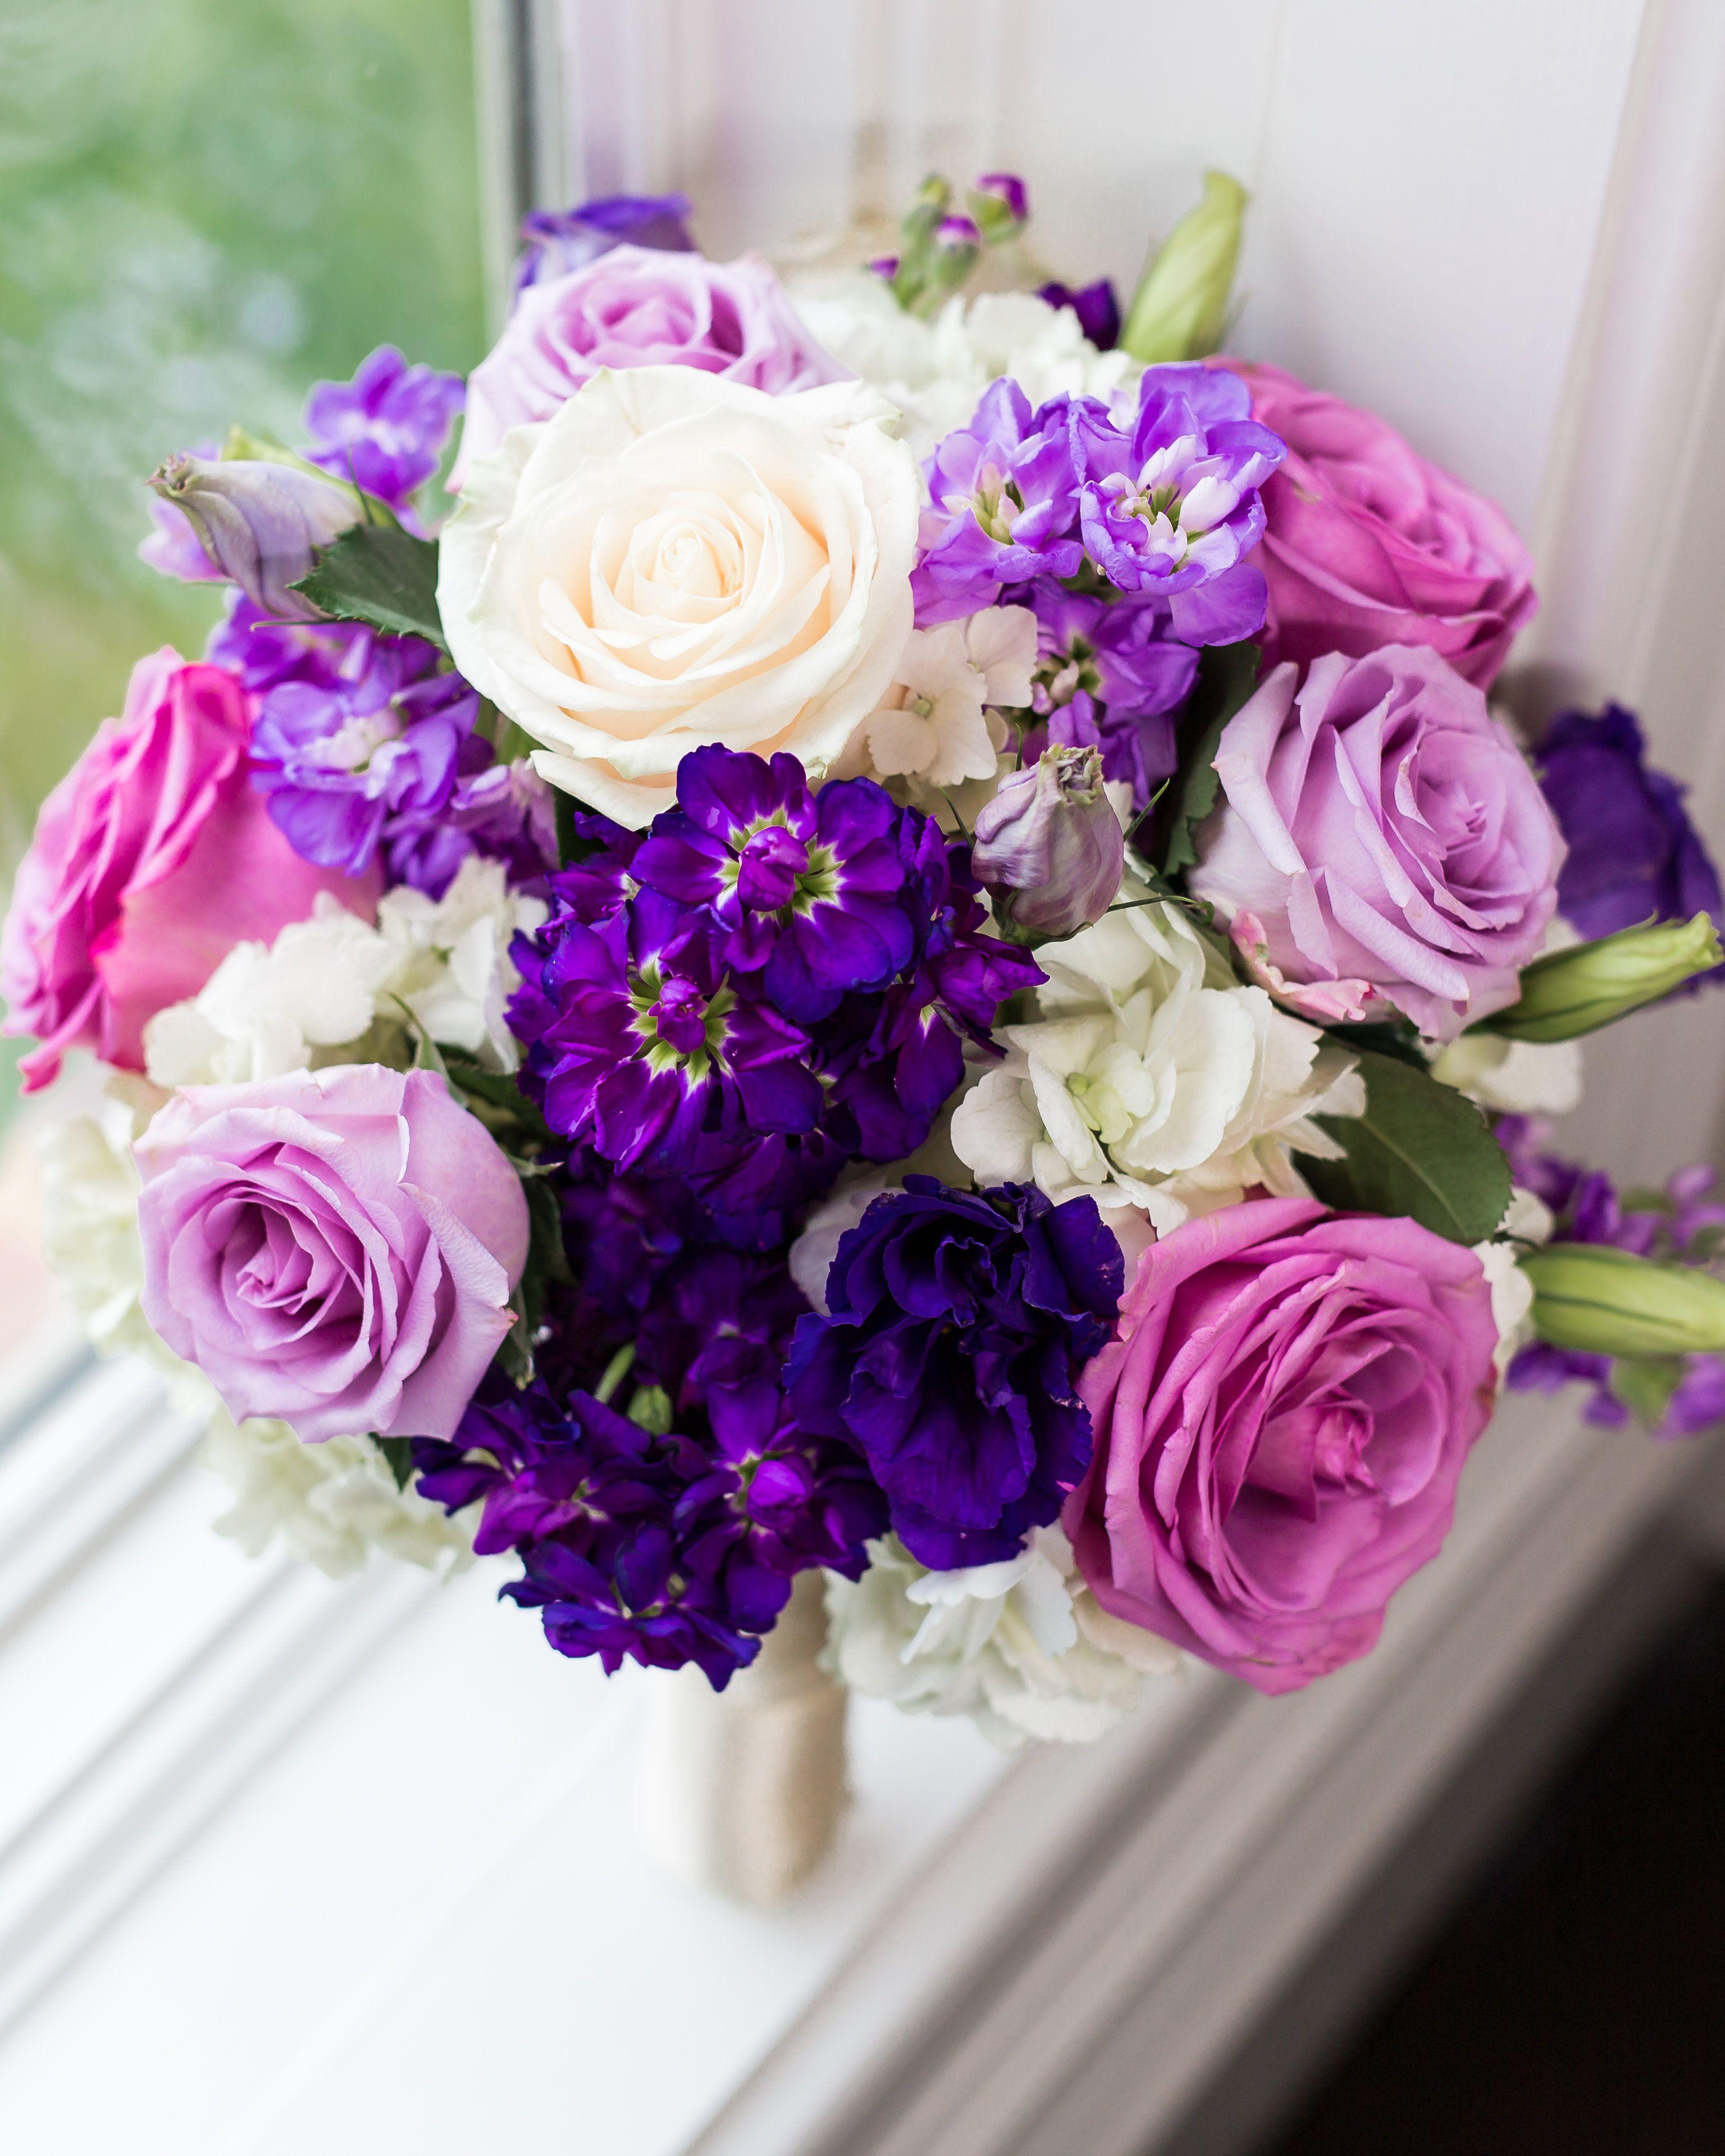 Bridal Bouquet Cream Purple and Lavender Hues Bergeronsflowers Design Ideas Lavender Flower Bouquet